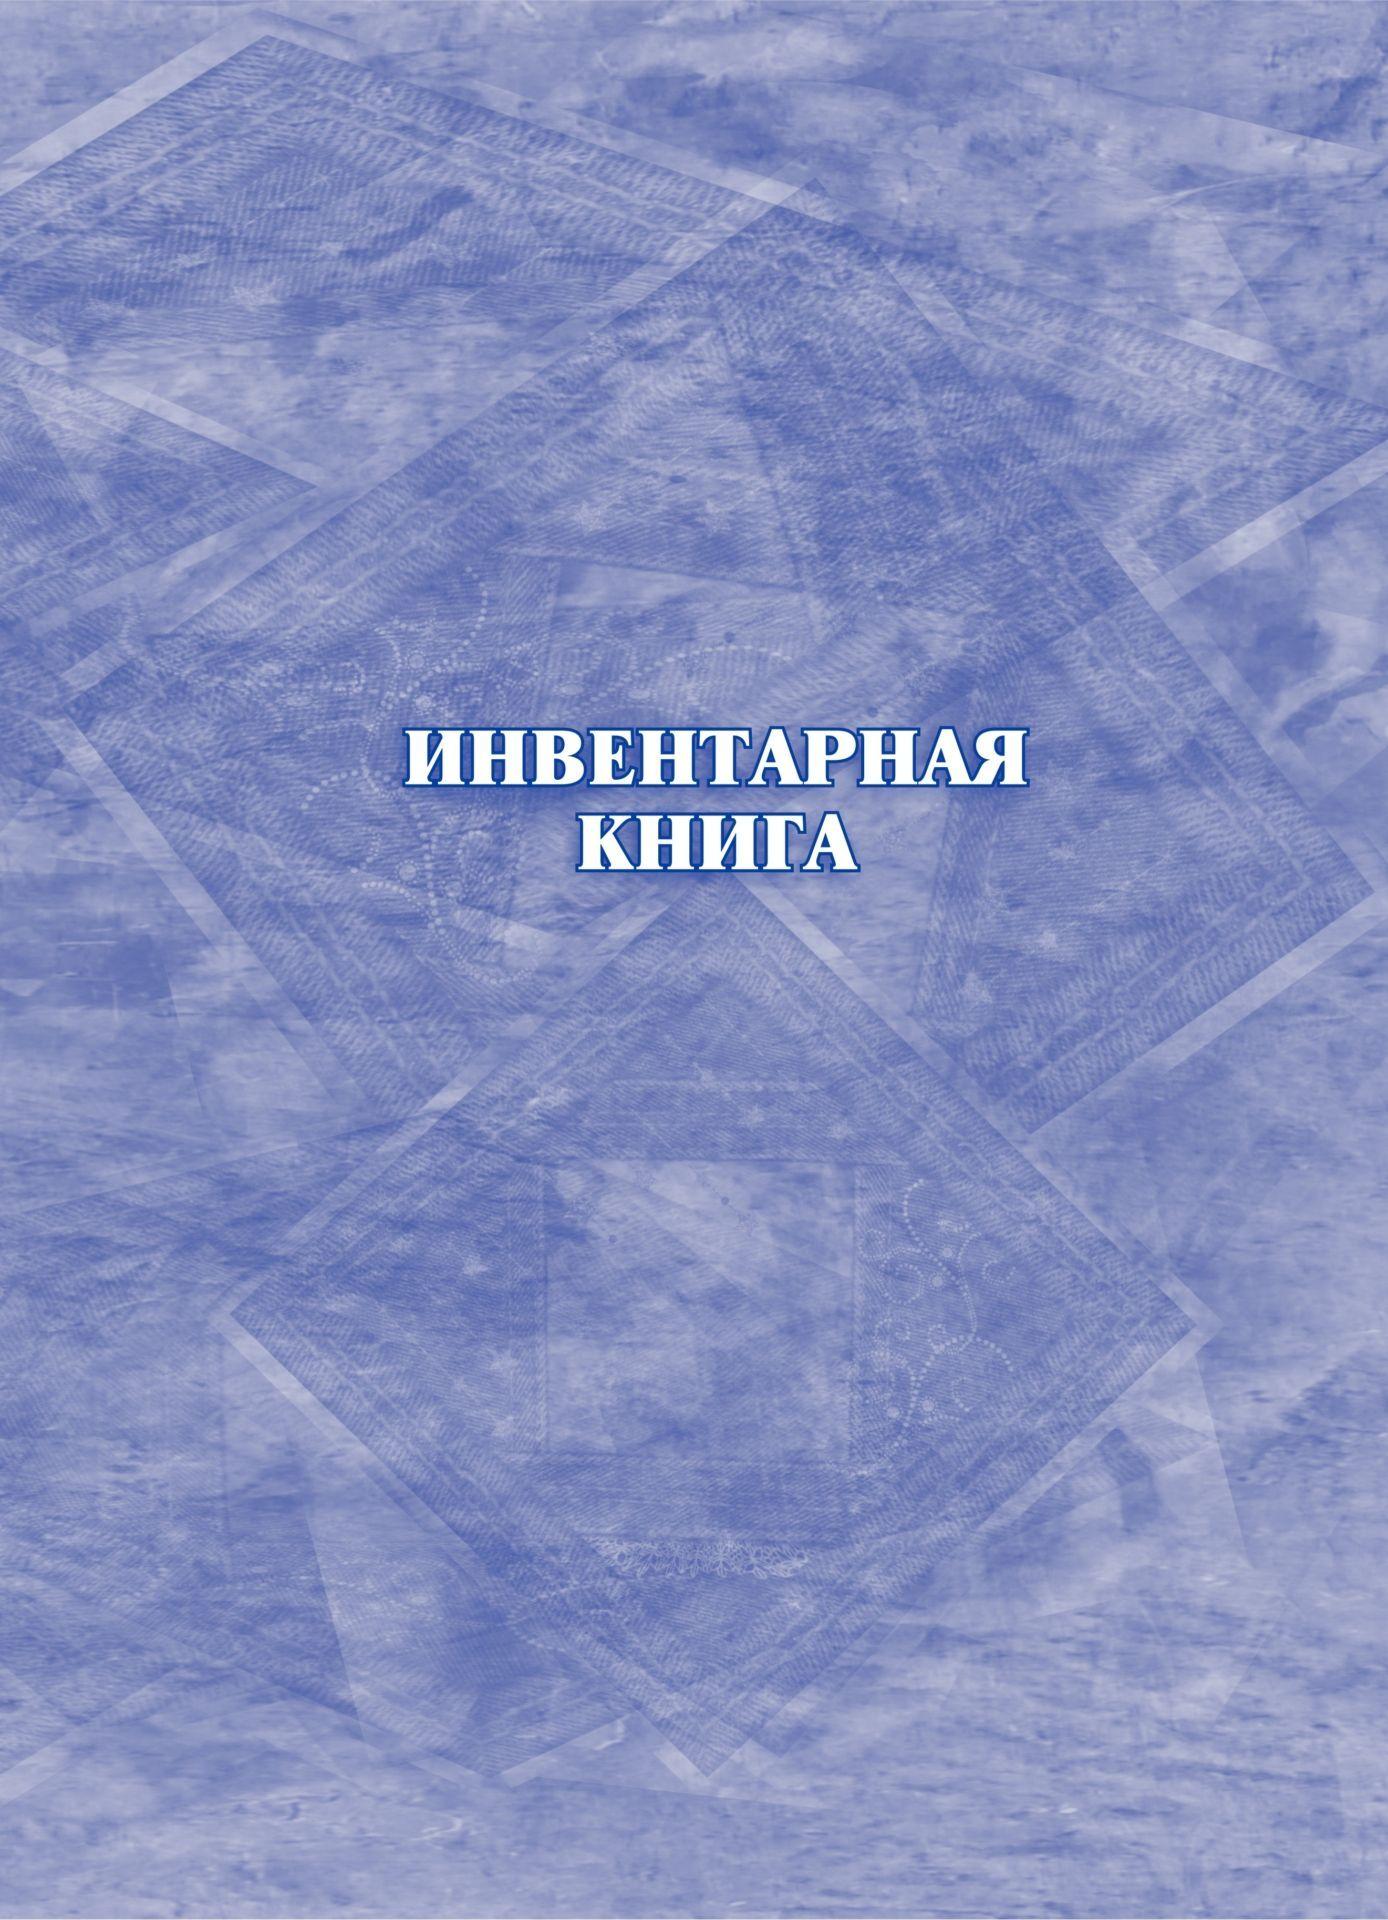 Инвентарная книга: (формат 60х84/8, бл. писчая, обл. офсетная 120, переплёт 7БЦ, 128 с.)